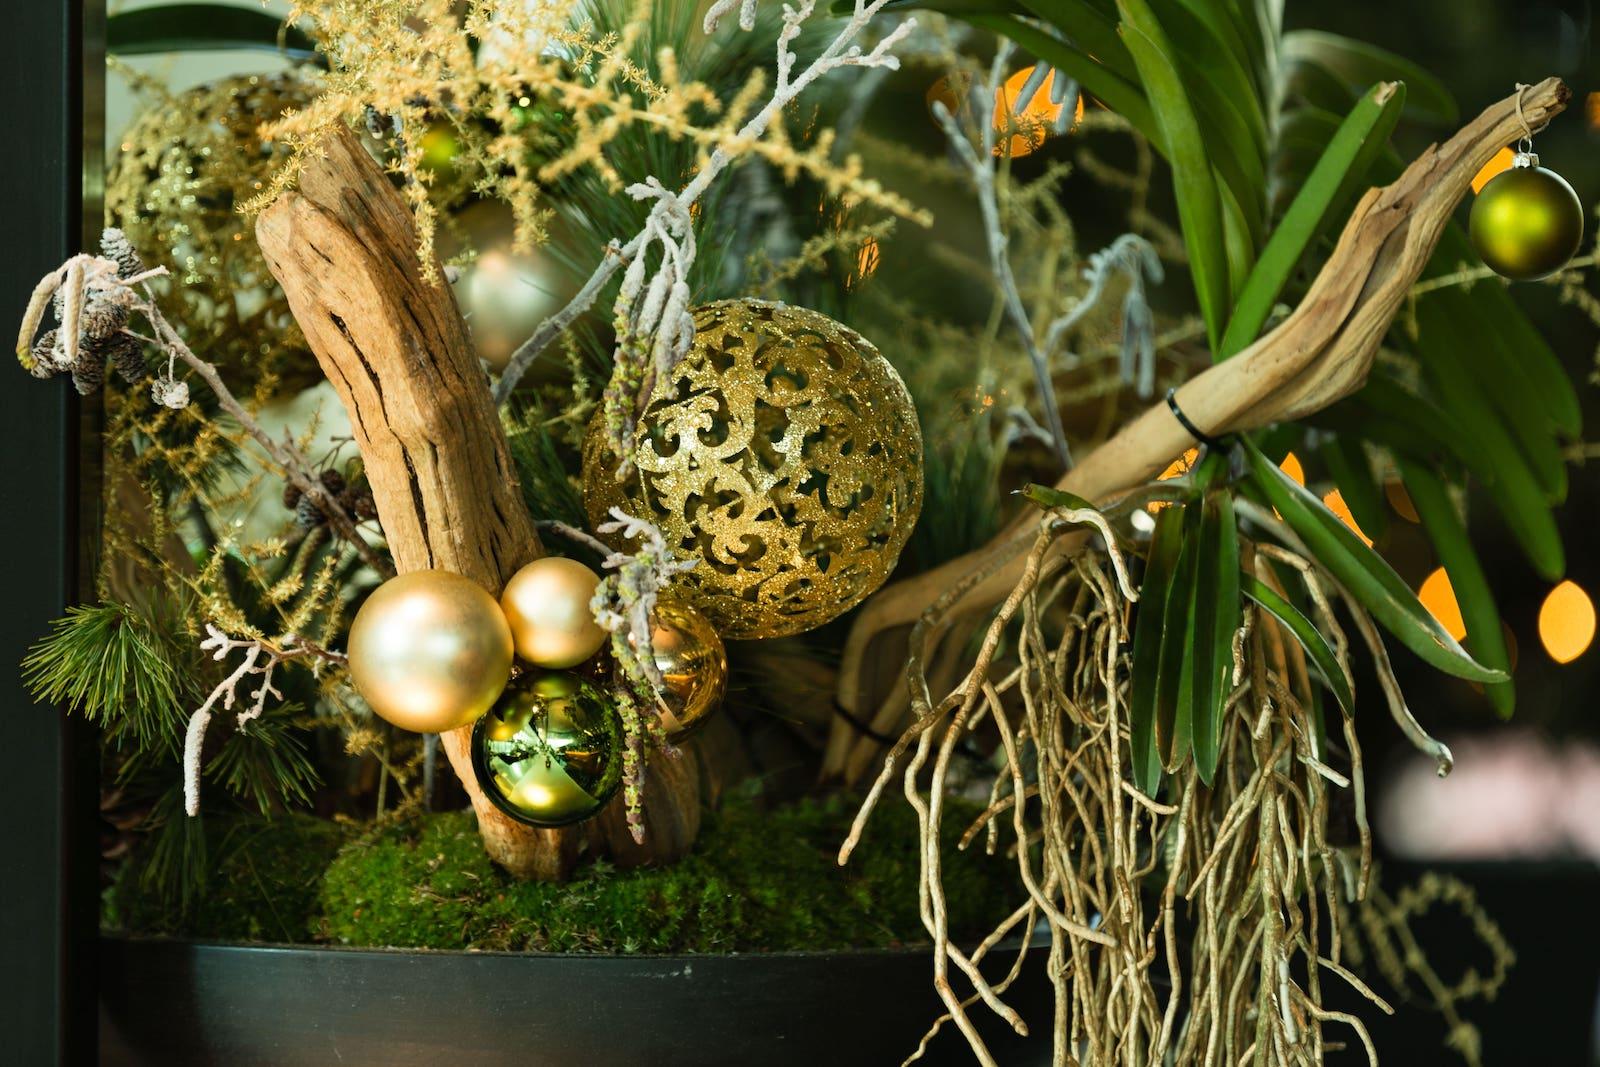 Bas de Boer Eventstyling Weihnachtsdekoration Metropolitan Eyecatcher Weihnachtsgesteck in Schale Grün und goldene Weihnachtskugeln www.basdeboer eventstyling.de 7 - Weihnachtsfeier Eventstyling